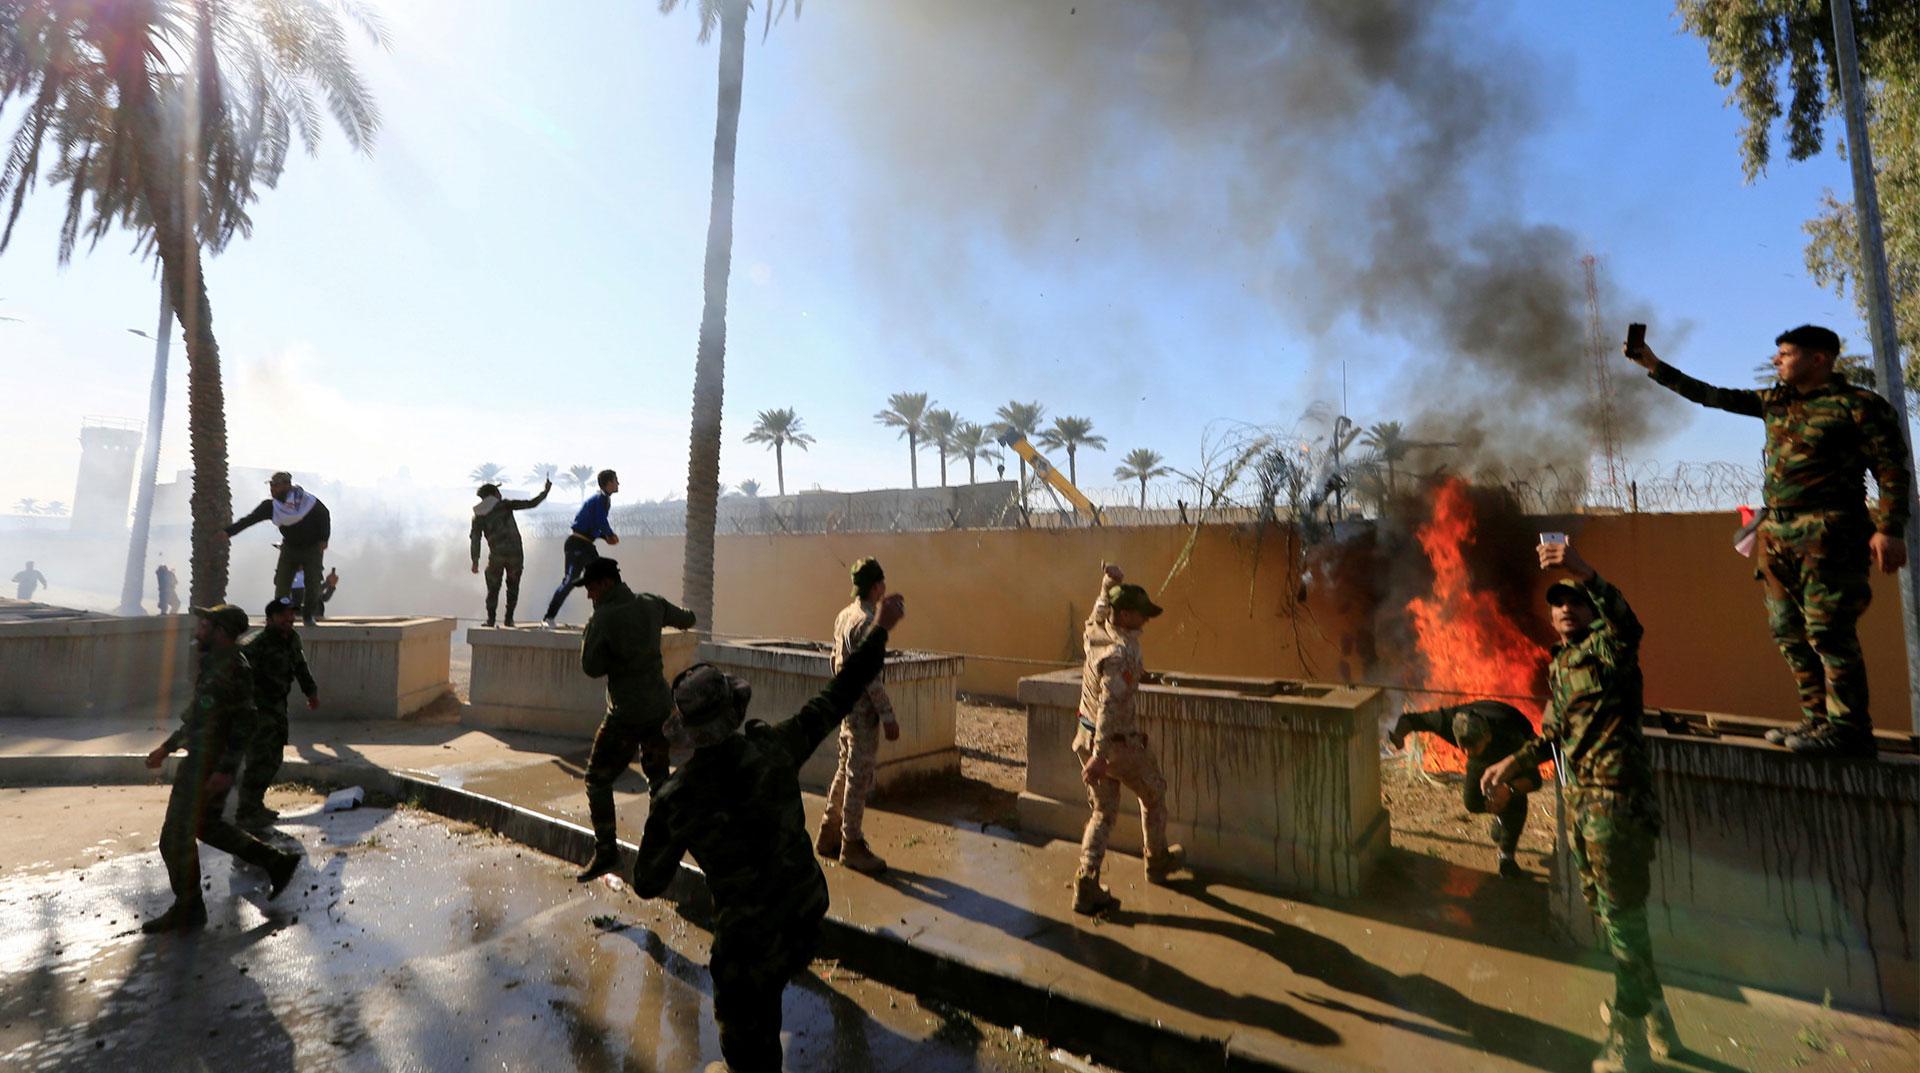 Irak'taki Gösterilerde Bilanço Ağırlaşıyor! Ölü Sayısı 700'e Yaklaştı